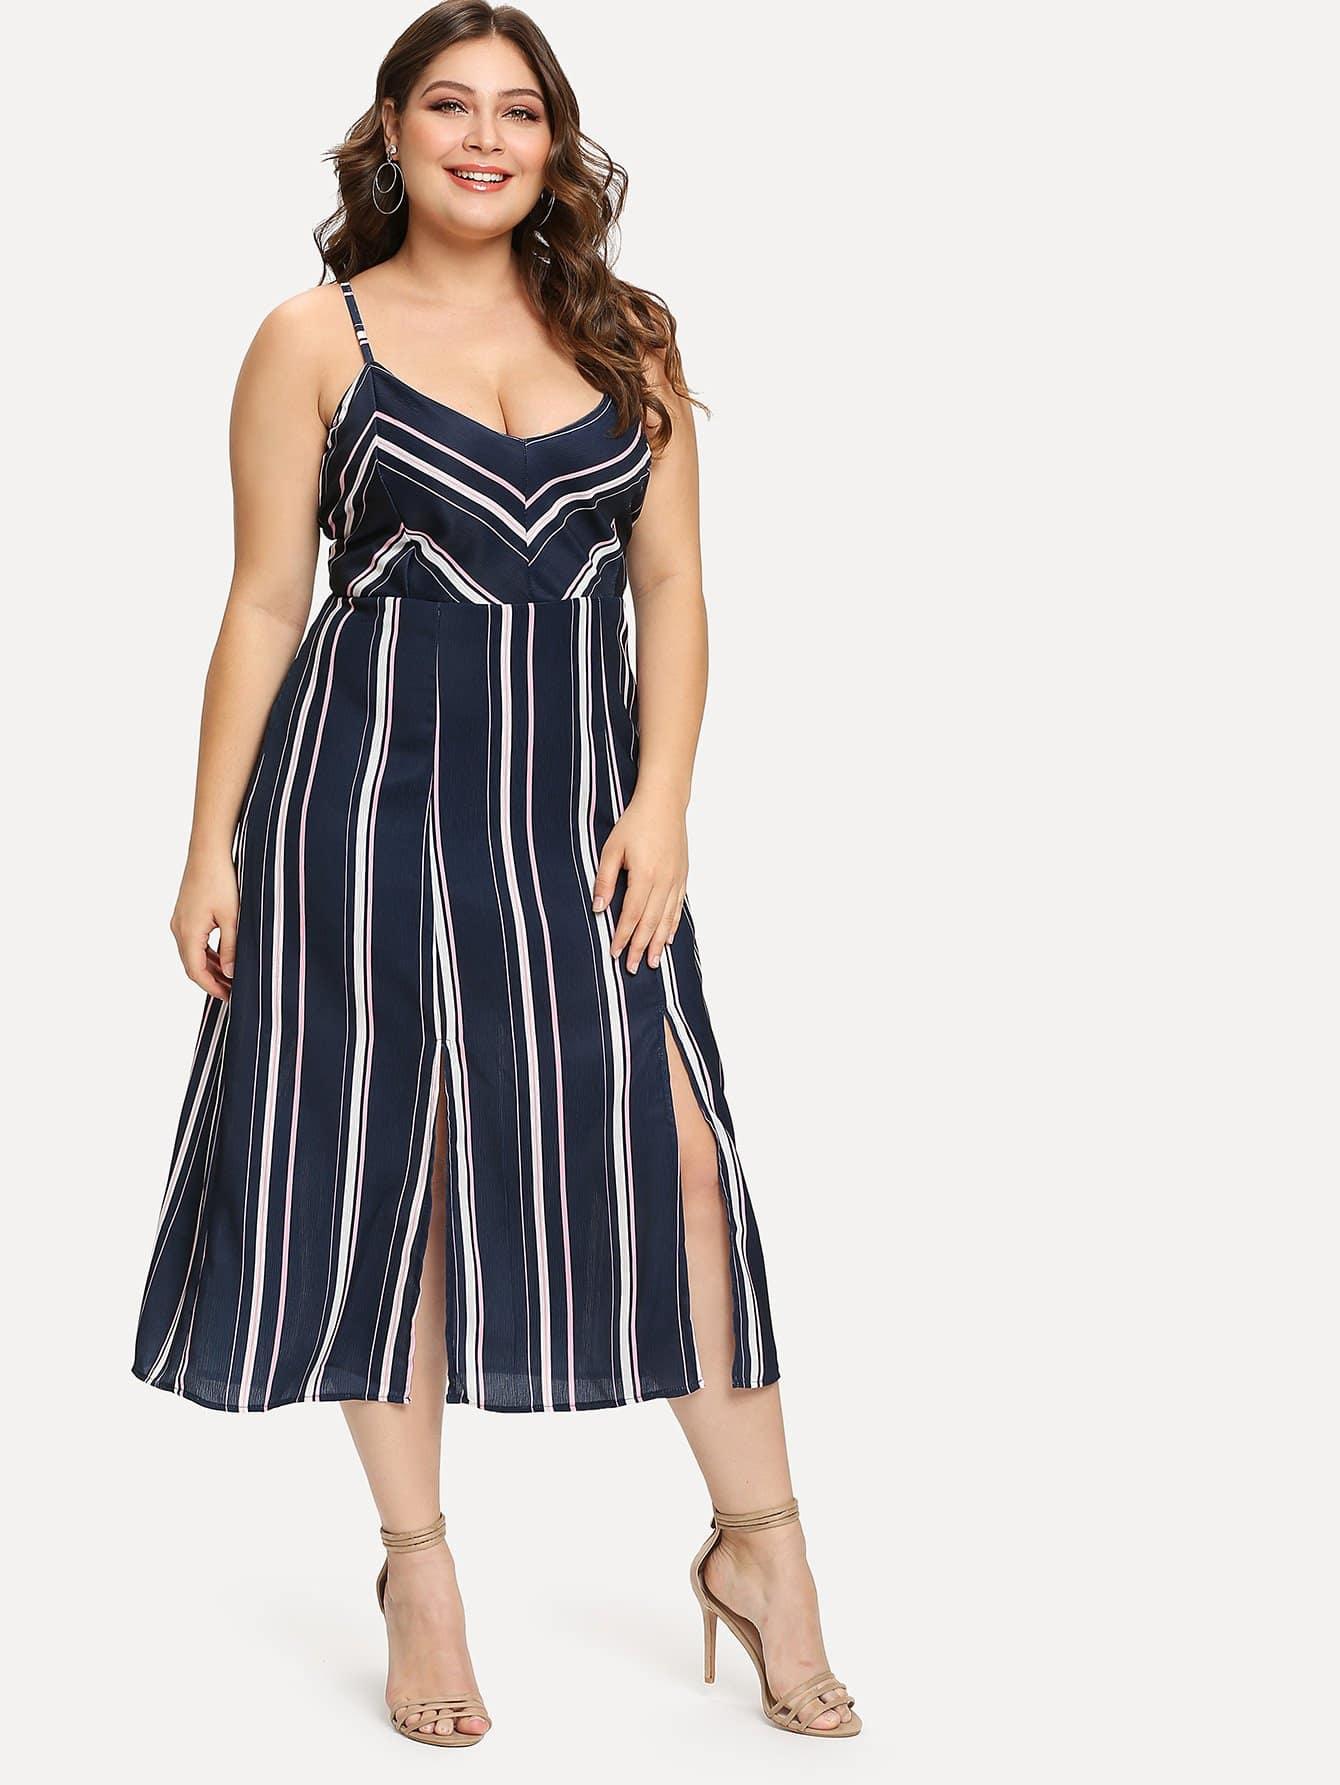 Купить Платье с полосками и v-образным воротником, Carol, SheIn